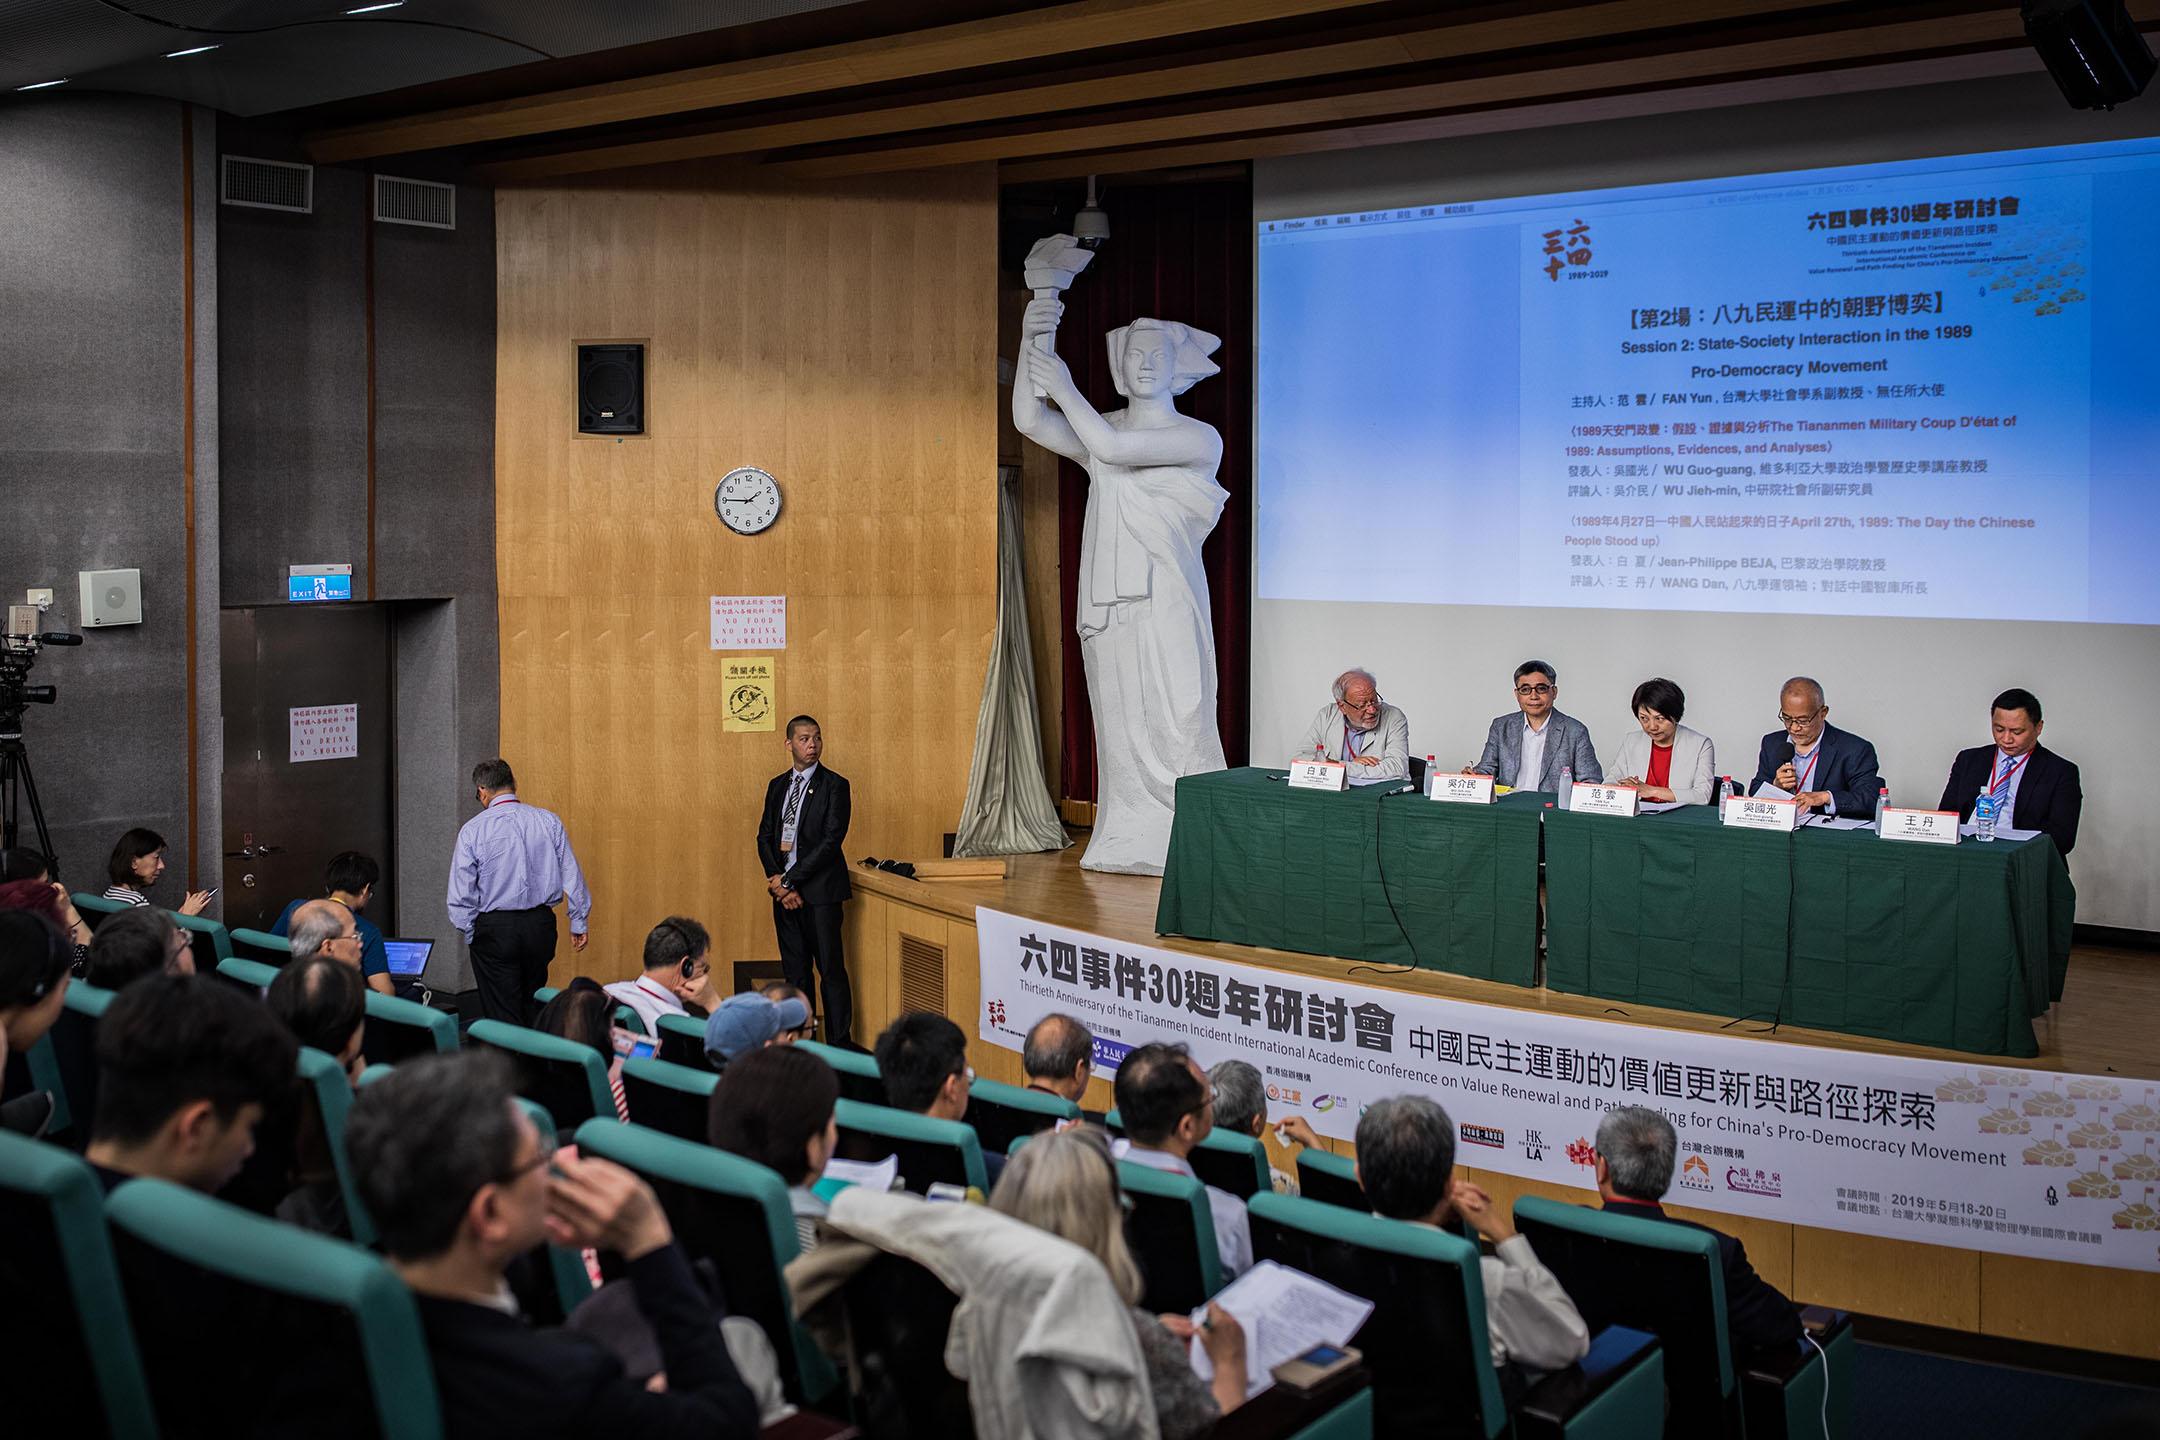 六四事件三十週年將屆,華人民主書院與支聯會舉行「六四事件30周年中國民主運動的價值更新與路徑探索研討會」。 攝:陳焯煇/端傳媒